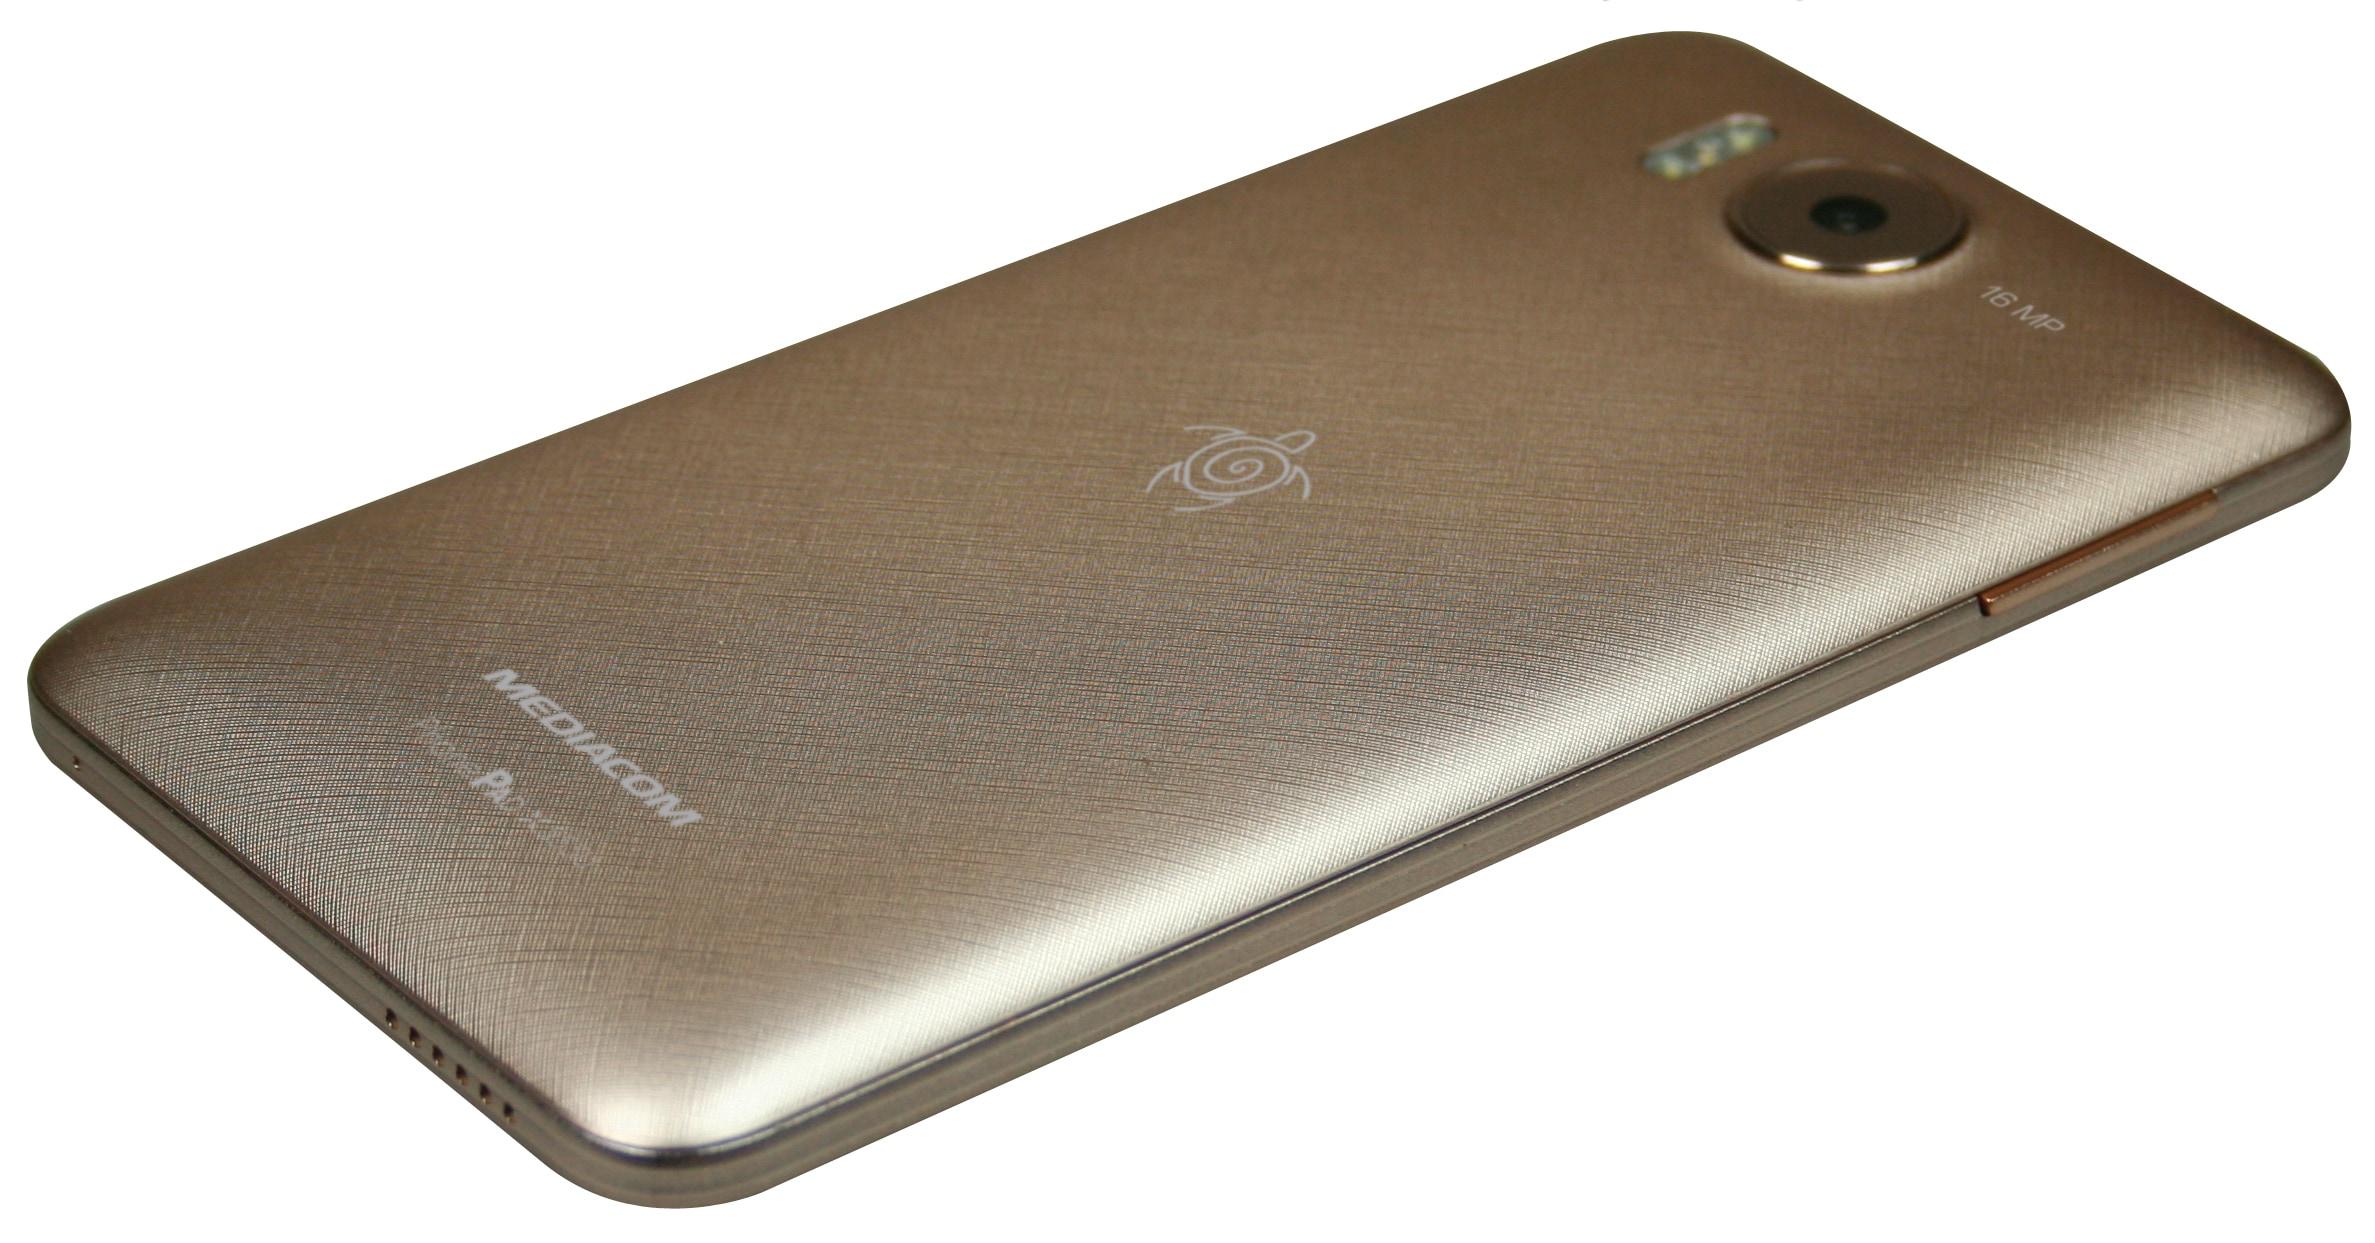 Mediacom PhonePad Duo X555U – 5